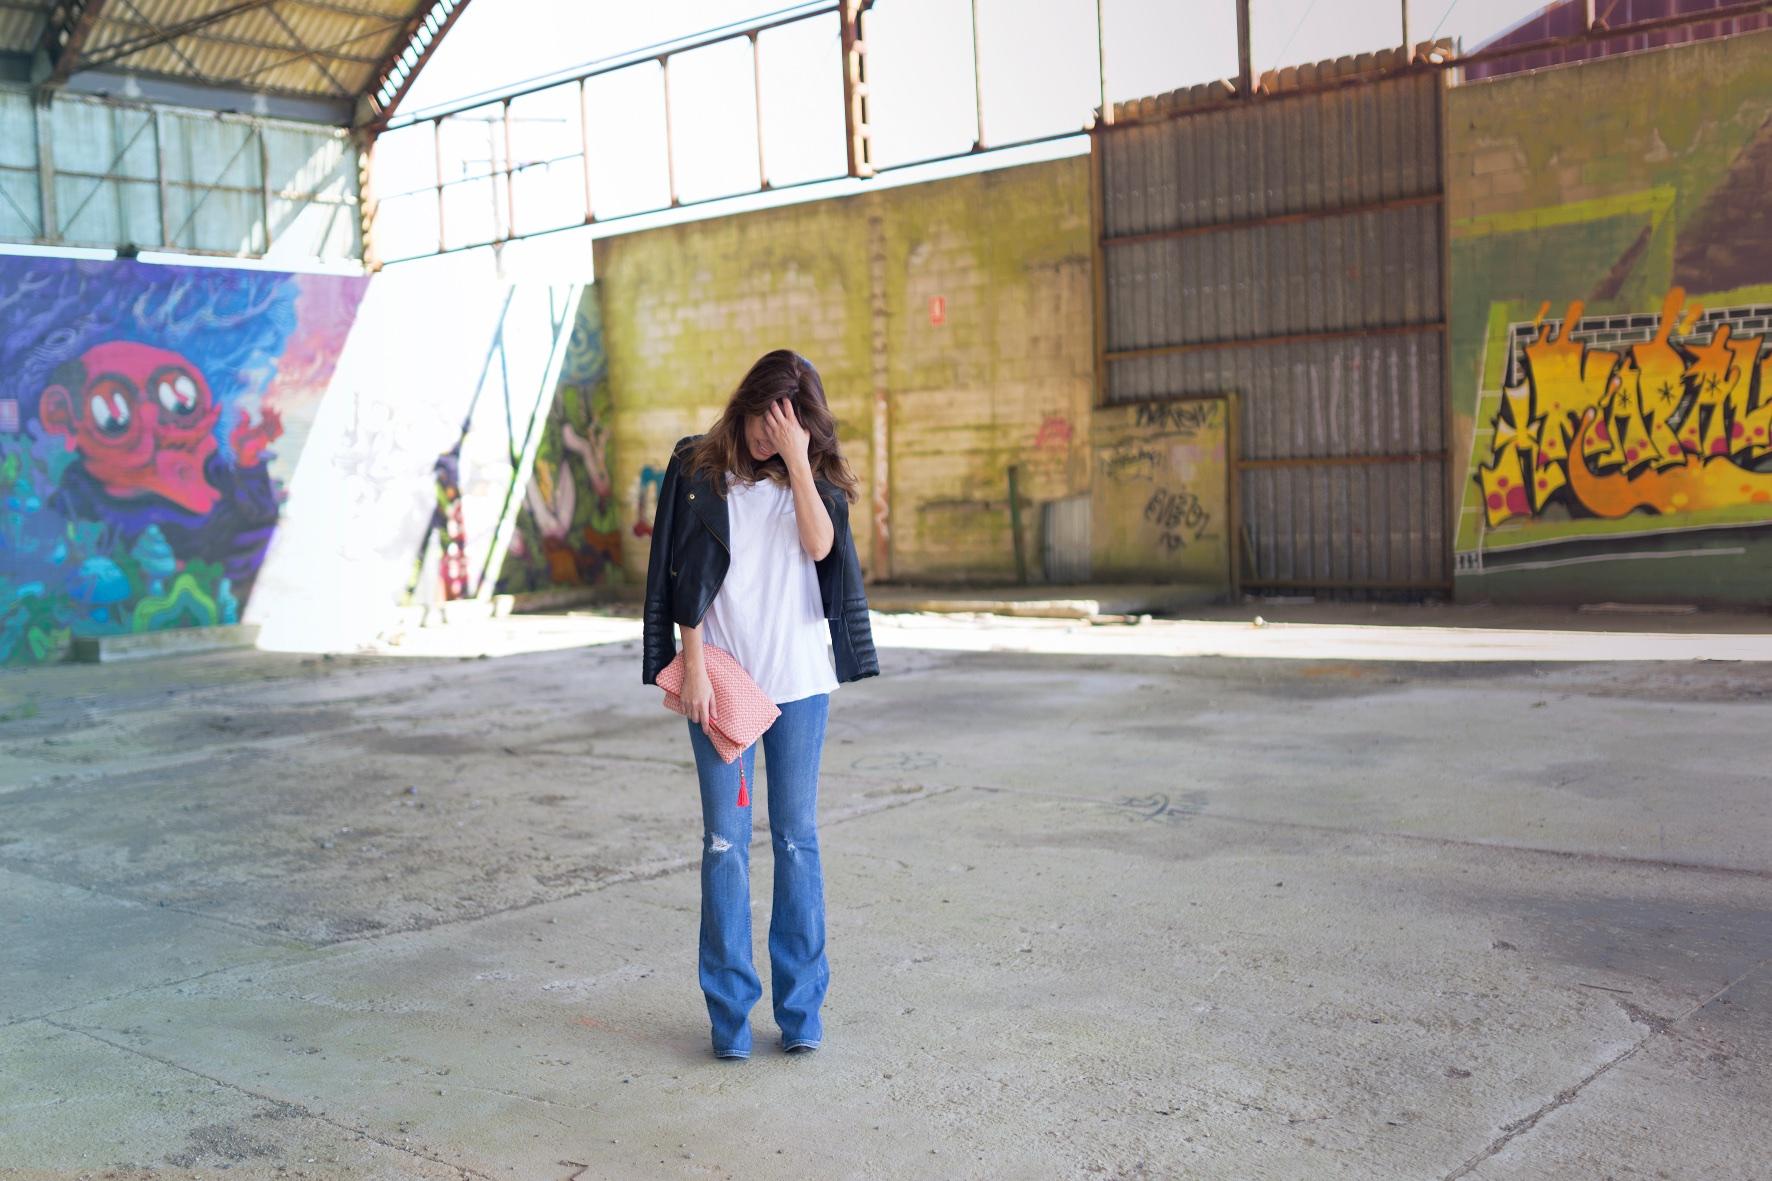 descalzaporelparque - zara -style - blogger -fashion- lo en las nubes- clutch-la letra escarlata -coruña